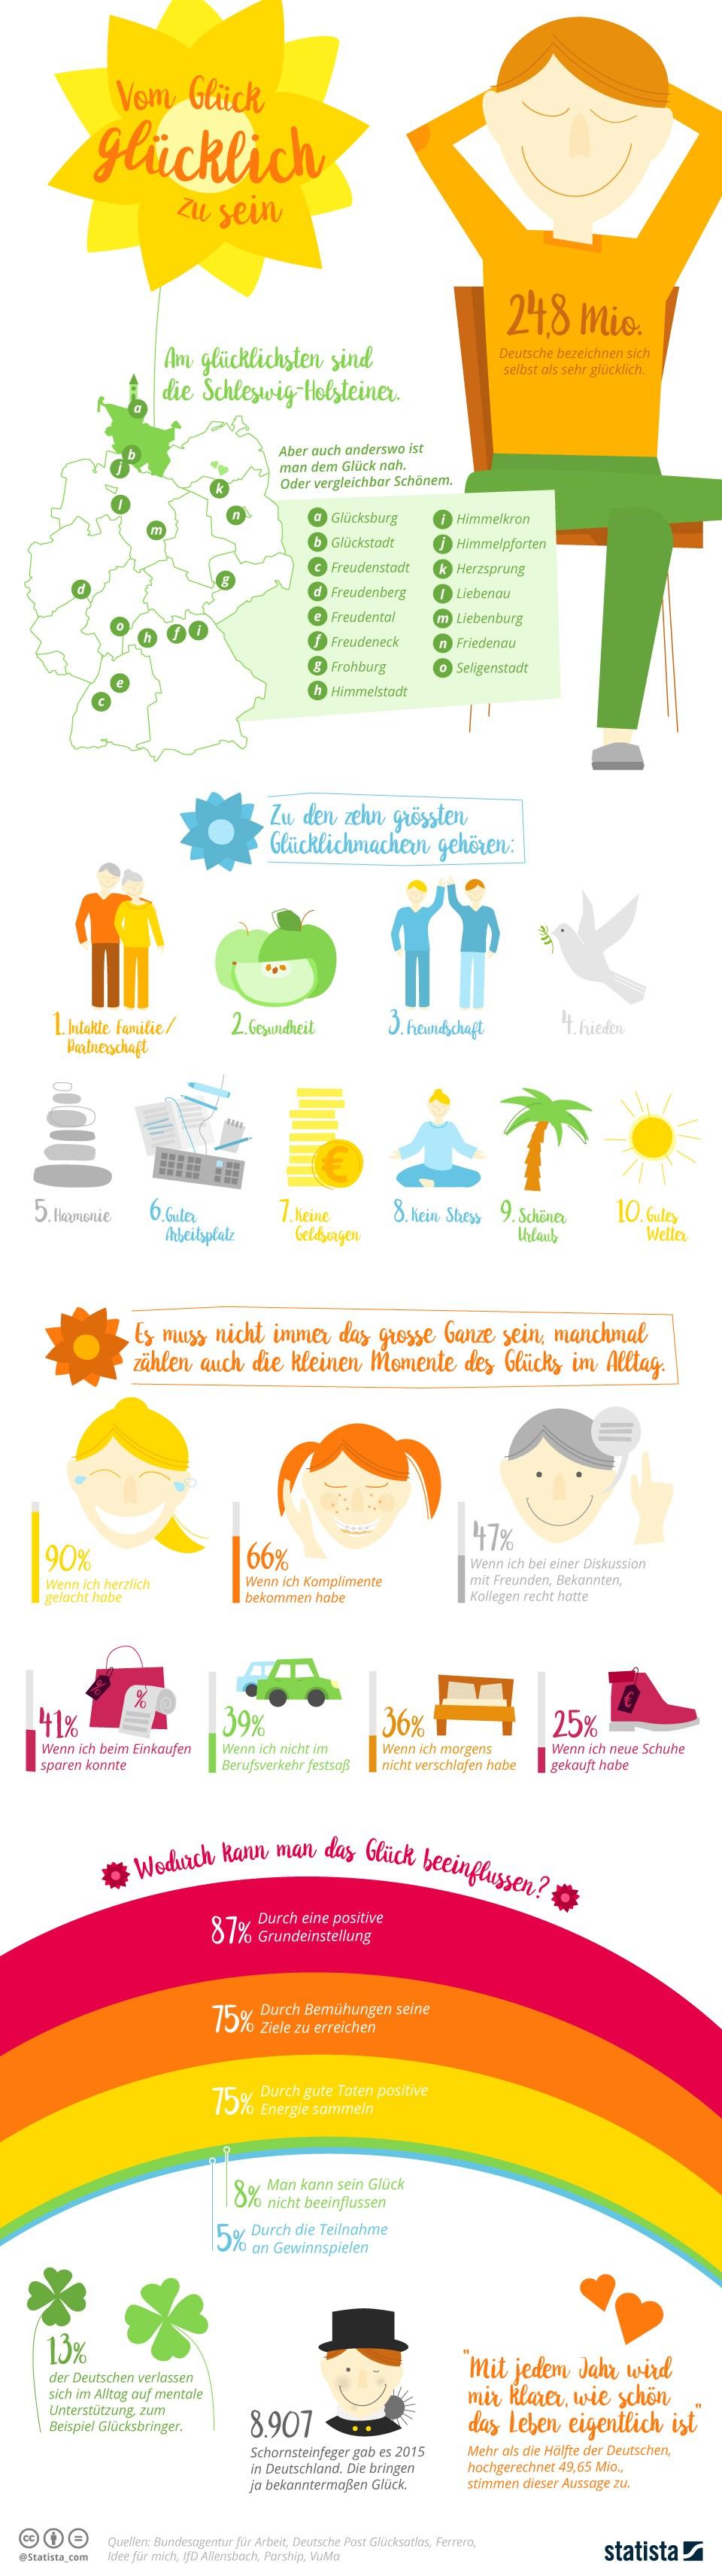 infografik-statista-glueck-gluecklich-sein